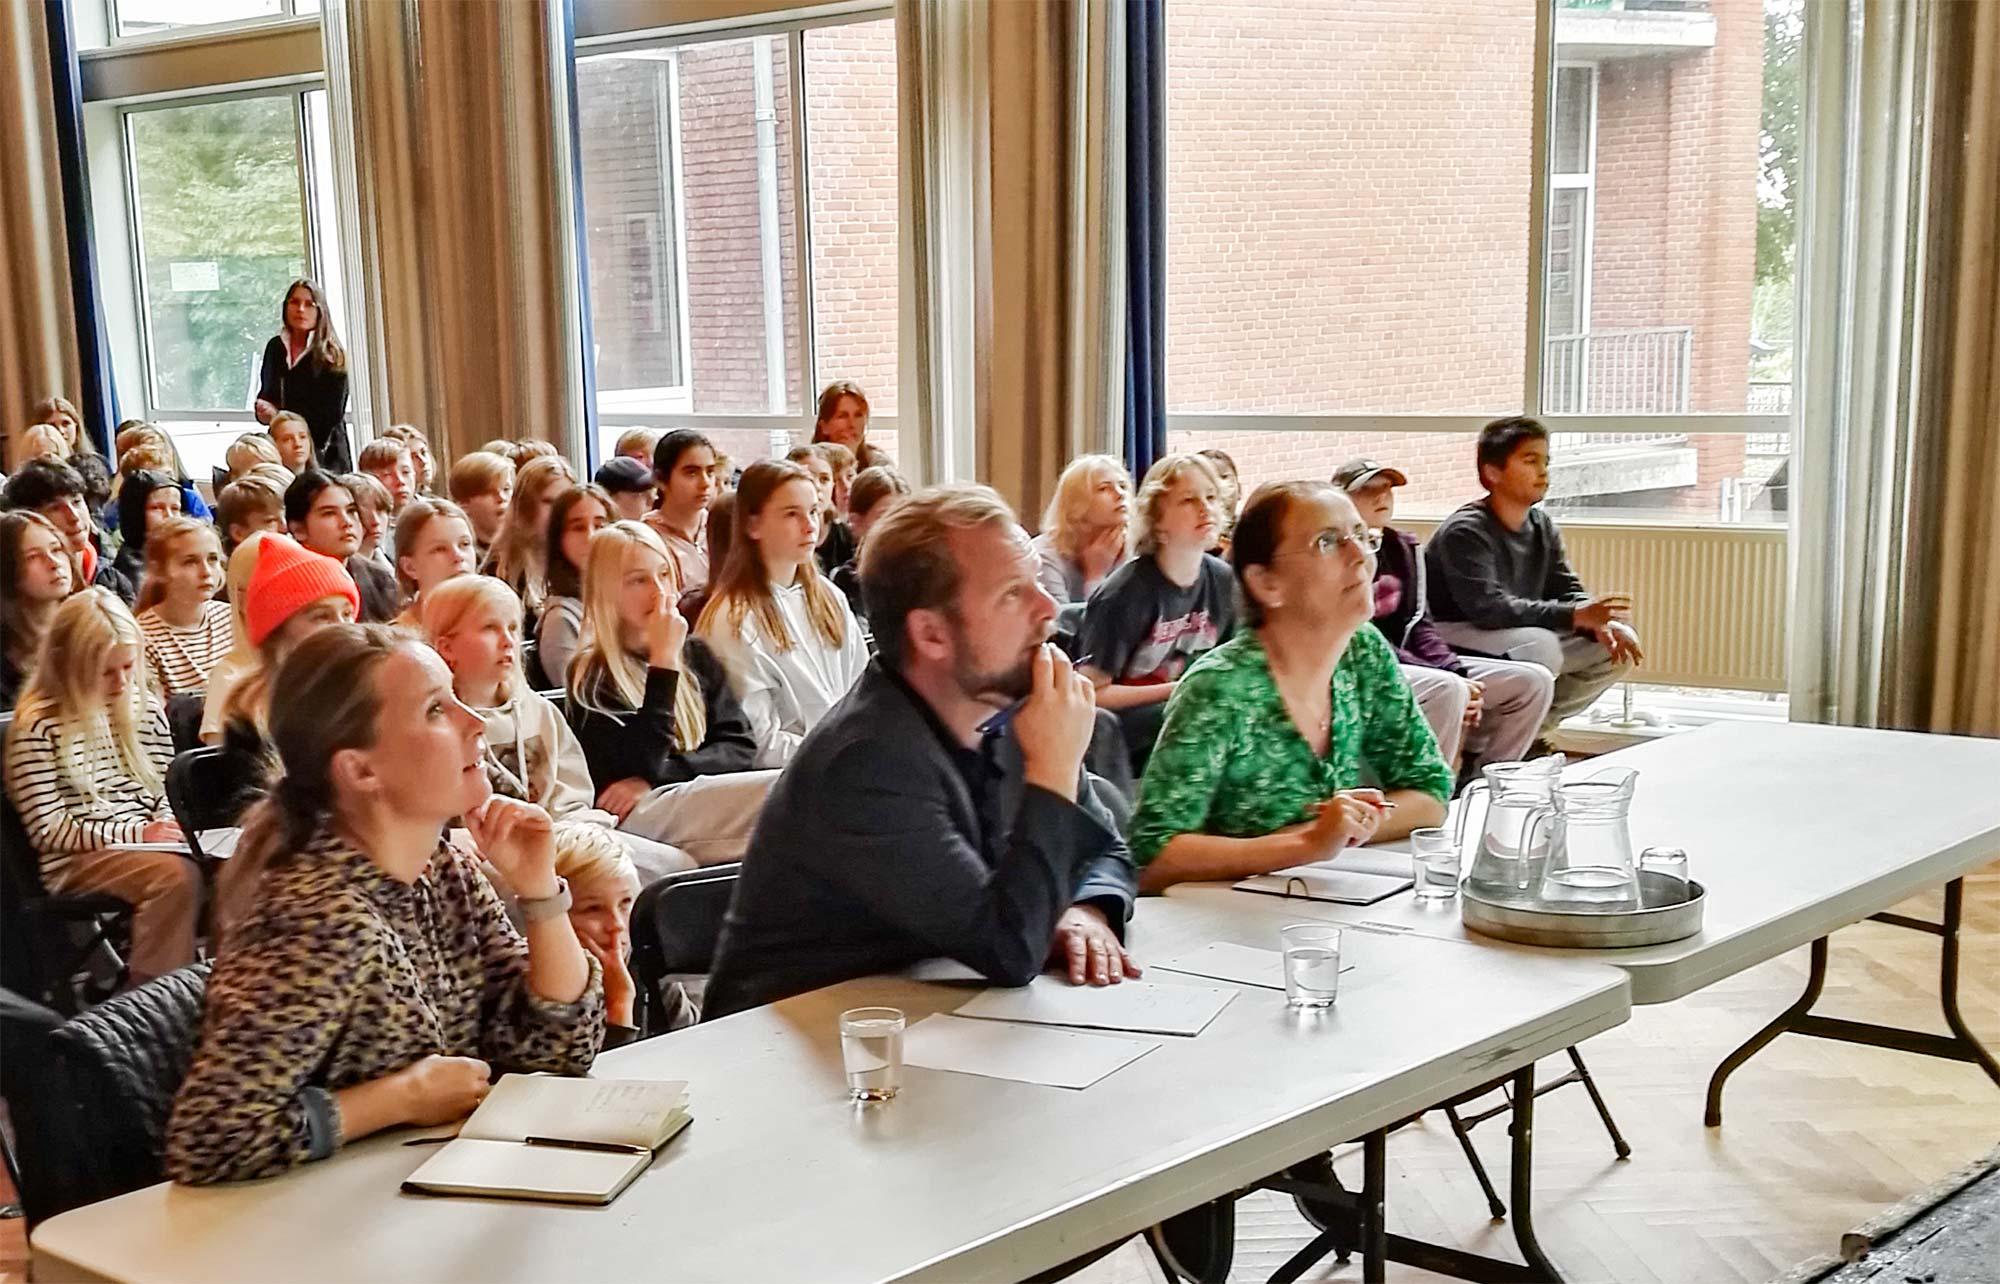 De tre dommere (fra venstre) Anne Kirstine Ellegaard, Rasmus Johnsen samt Susanne Lindø Grønbech følger opmærksomt med i præsentationerne.